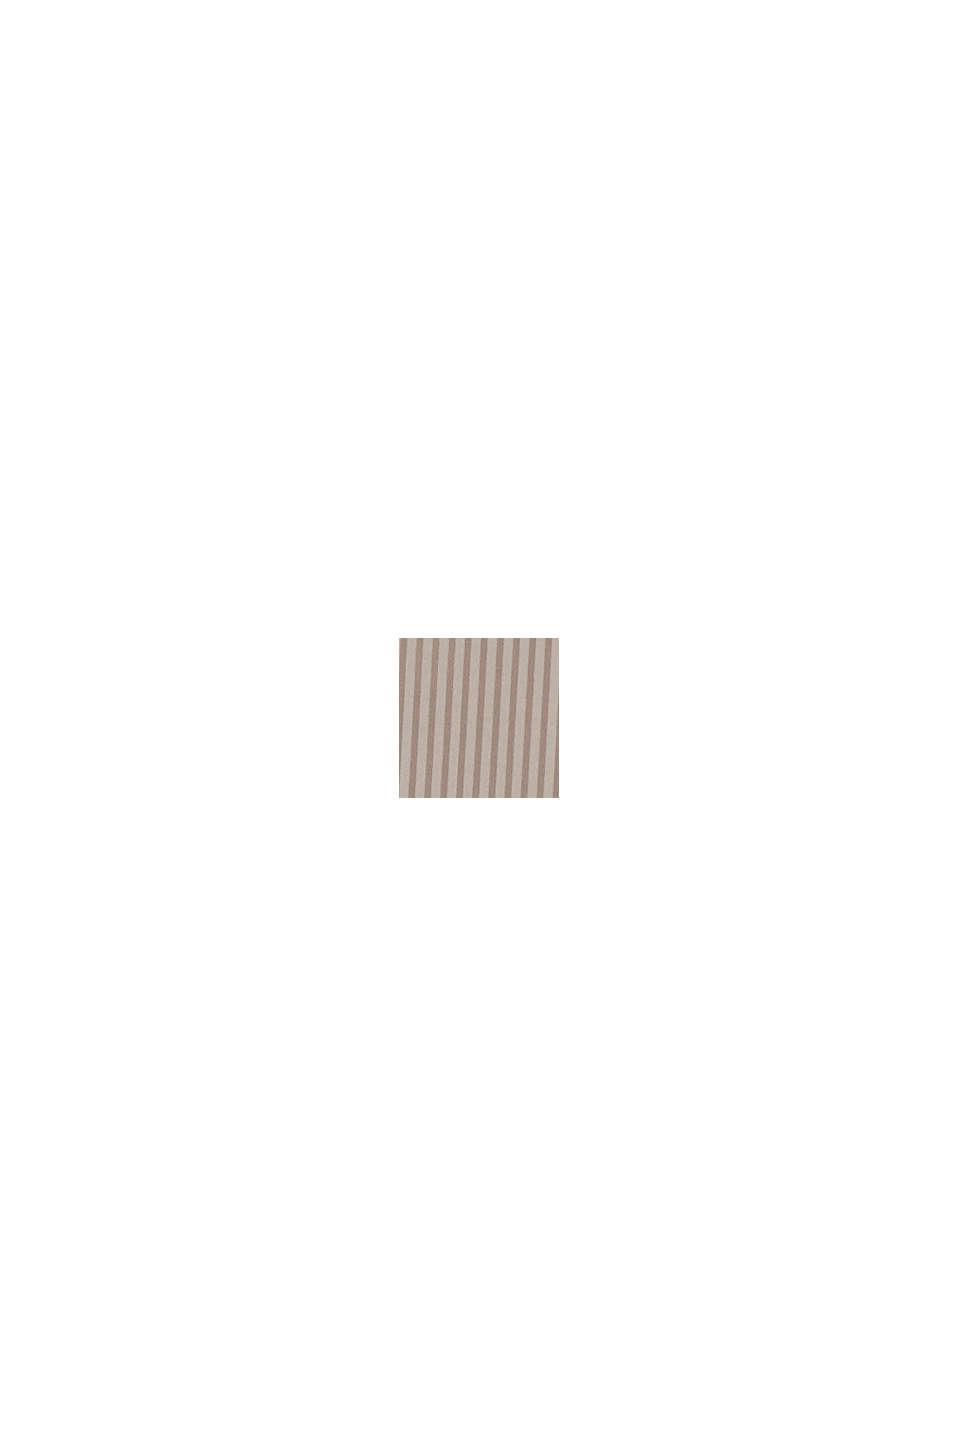 In materiale riciclato: culotte corte in microfibra, LIGHT TAUPE, swatch